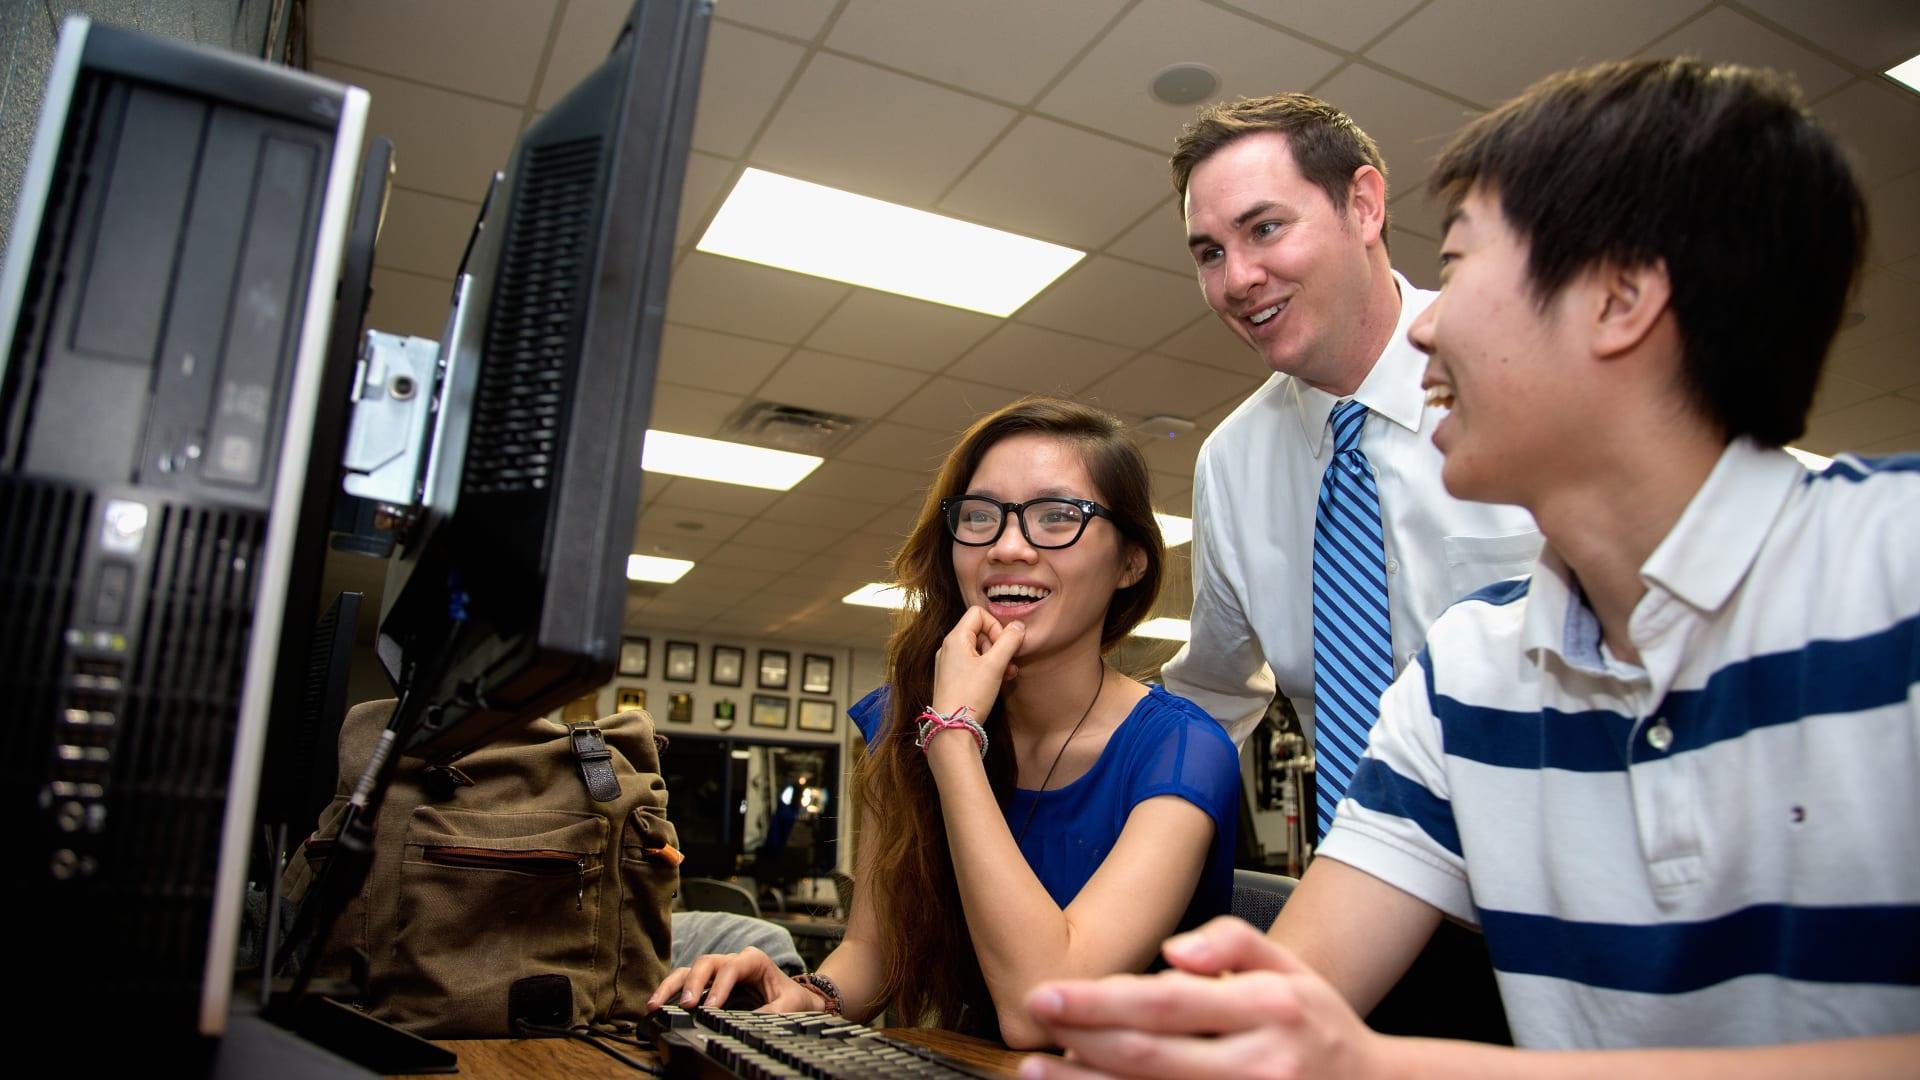 يعتمد الكثير من الطلاب بشكل كثير على الموارد الإلكترونية التي تقدمها جهات تعليمية، ولكنها هي أيضا، وفقا لمولر، لن تبقى سوى مورد تعليمي، ولن تحل مكان الأستاذ أو الصف أو المدرسة.